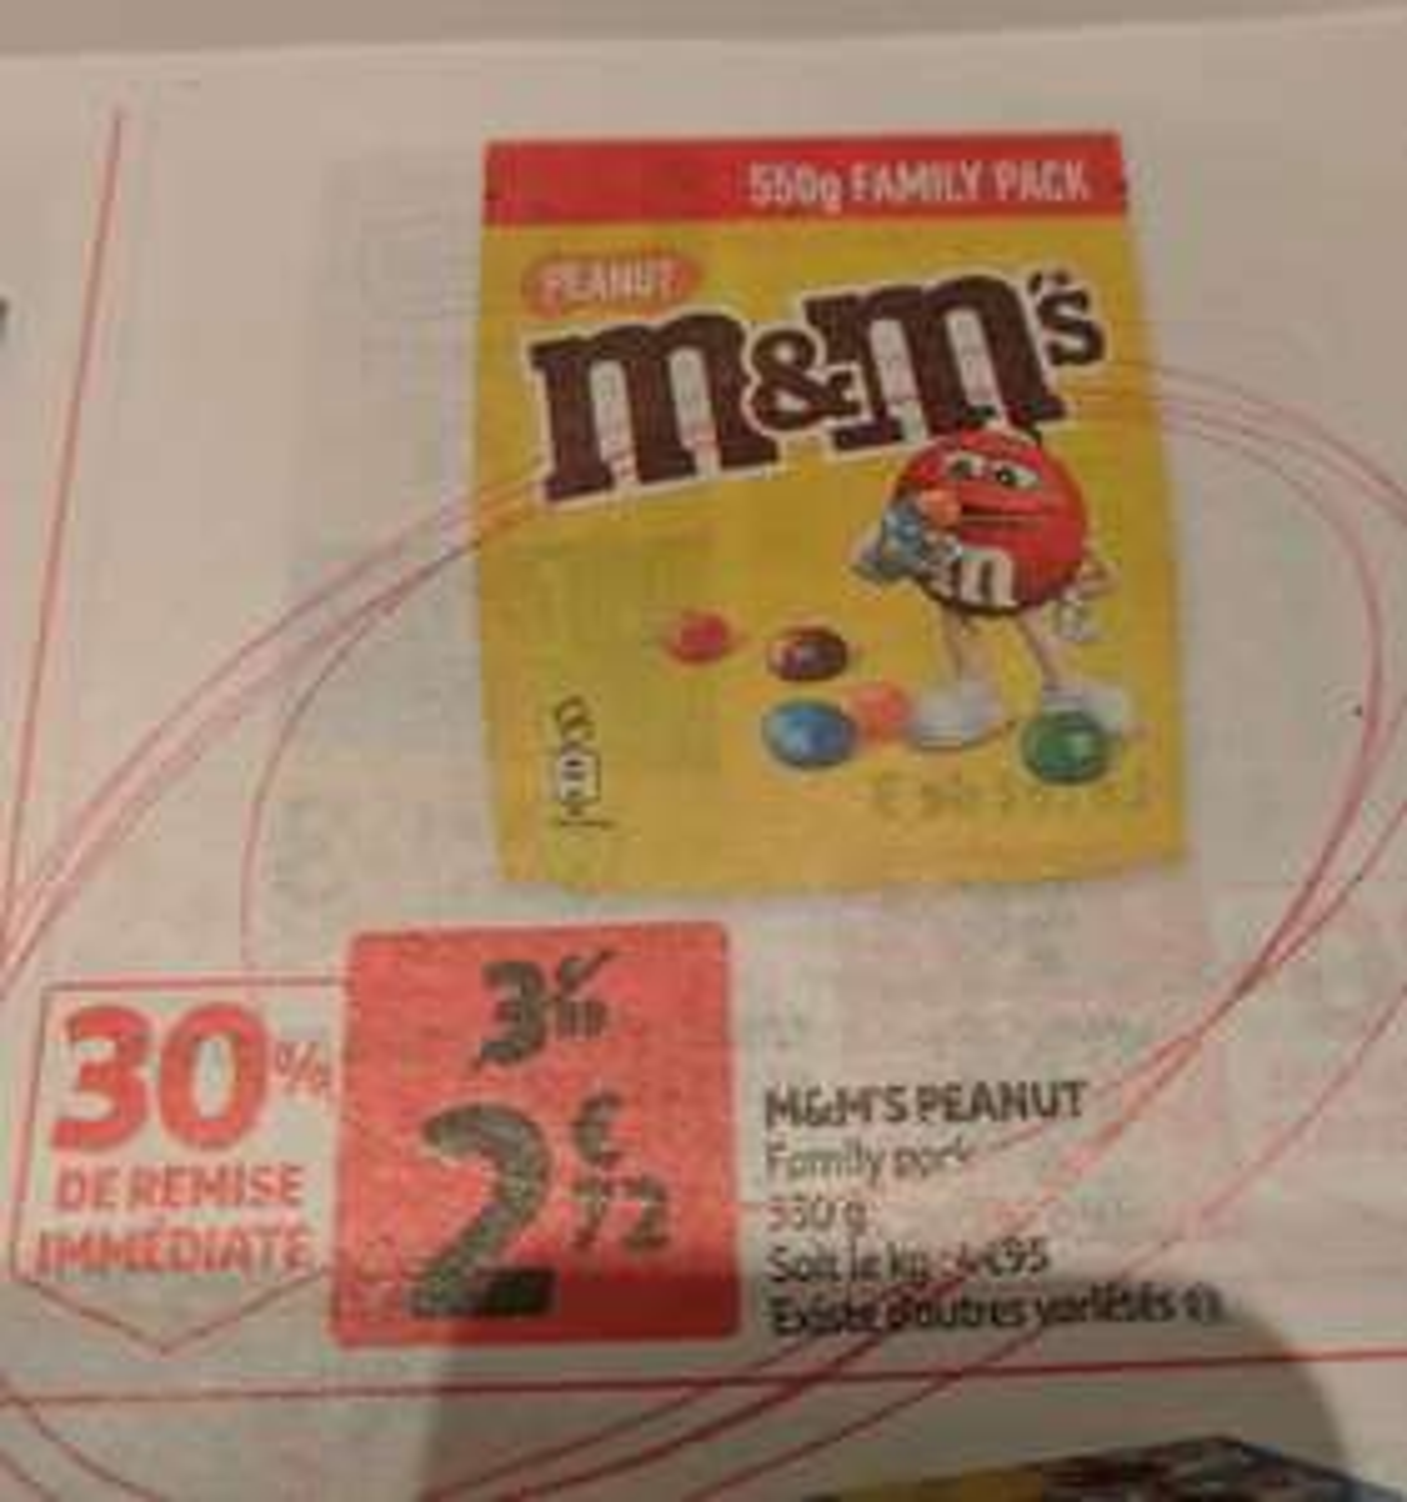 Paquet de M&M's Peanut's Family - 550g